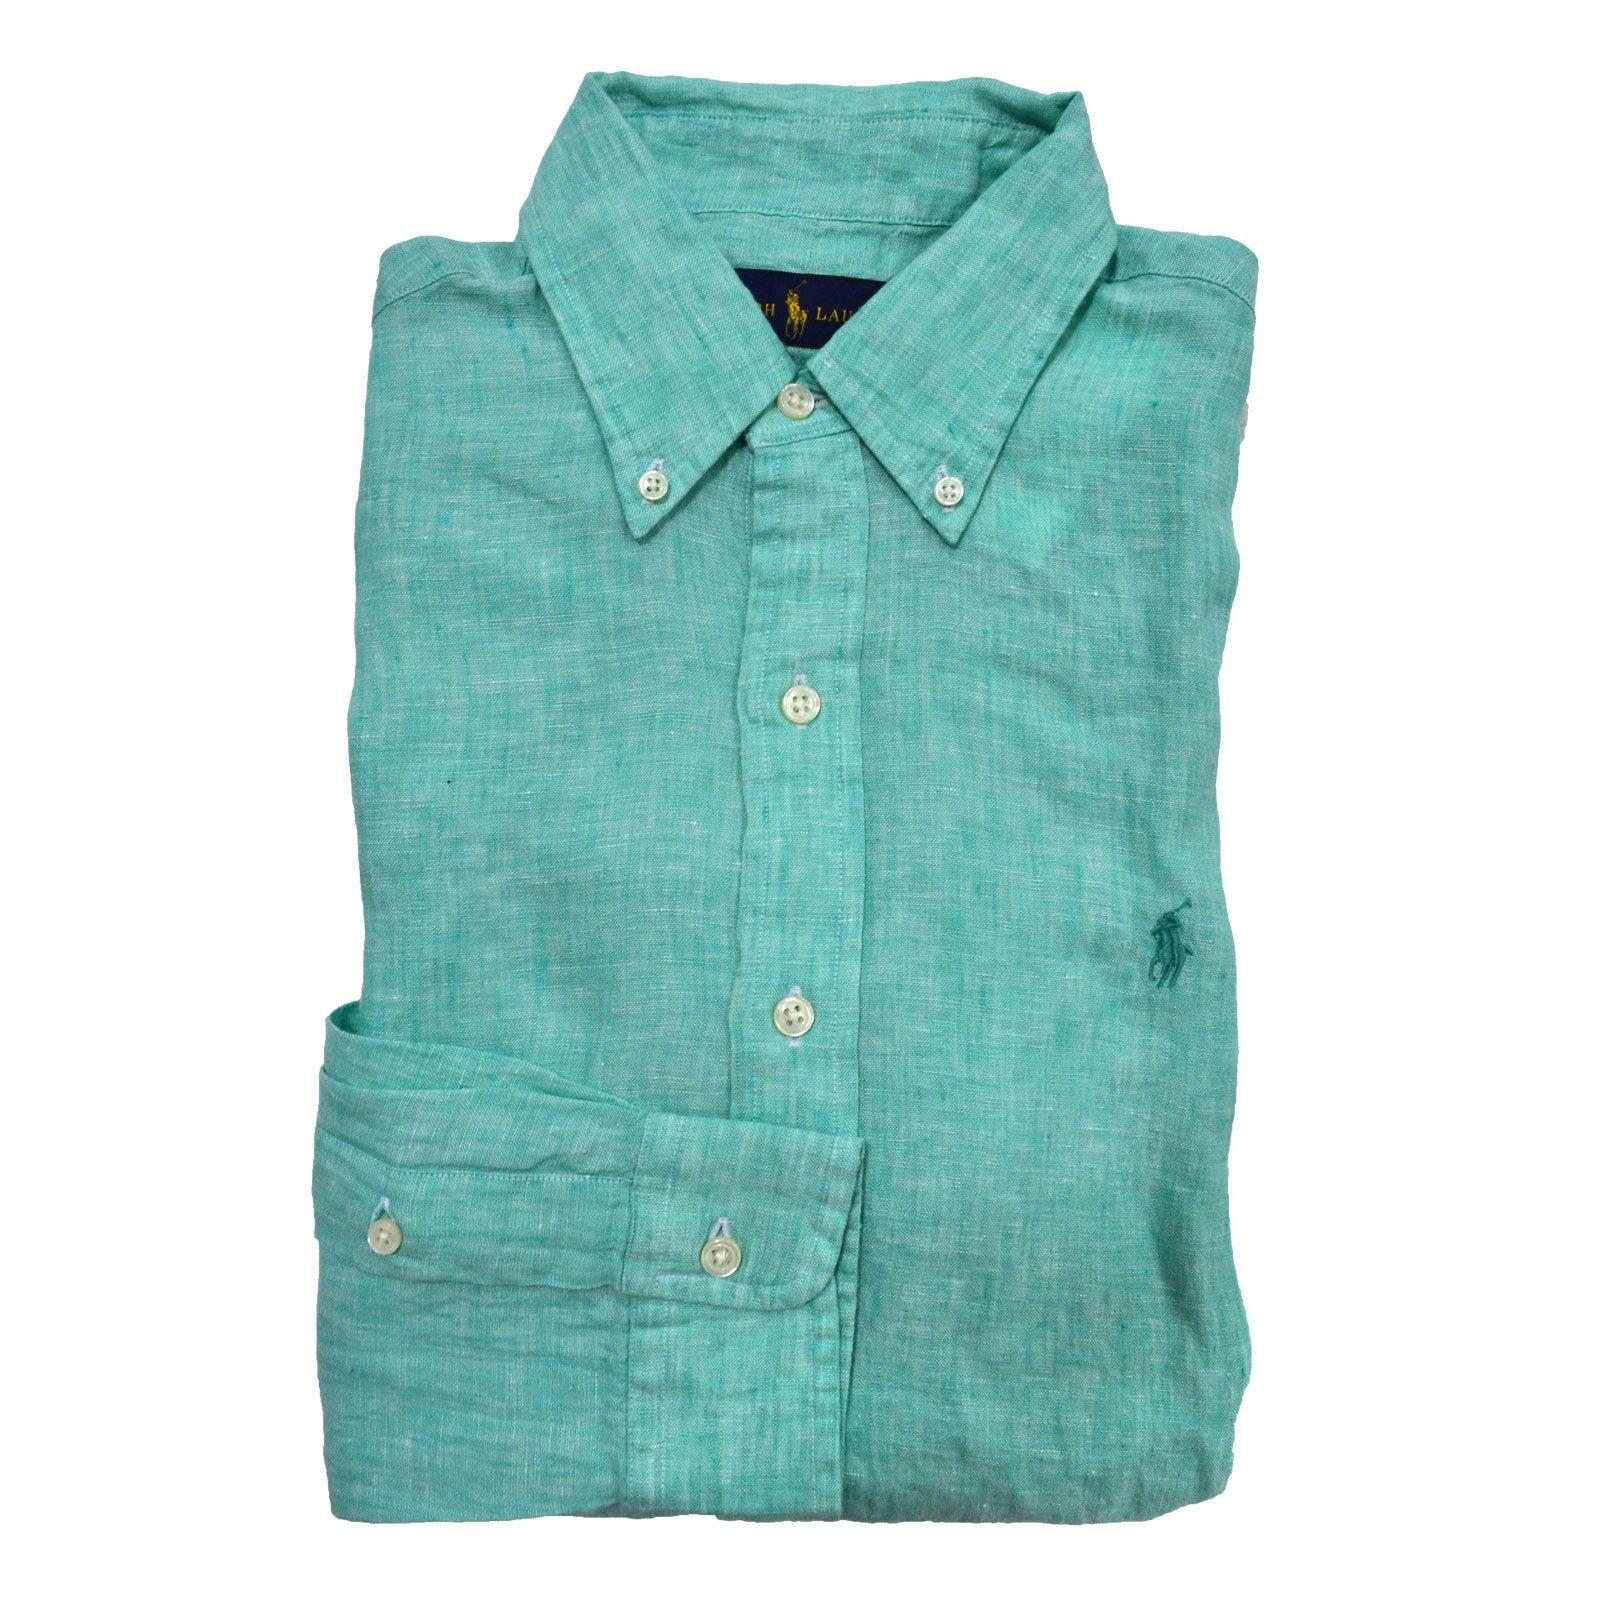 Polo Ralph Lauren Men's Longsleeve Linen Buttondown Shirt (L, Robin) by Polo Ralph Lauren